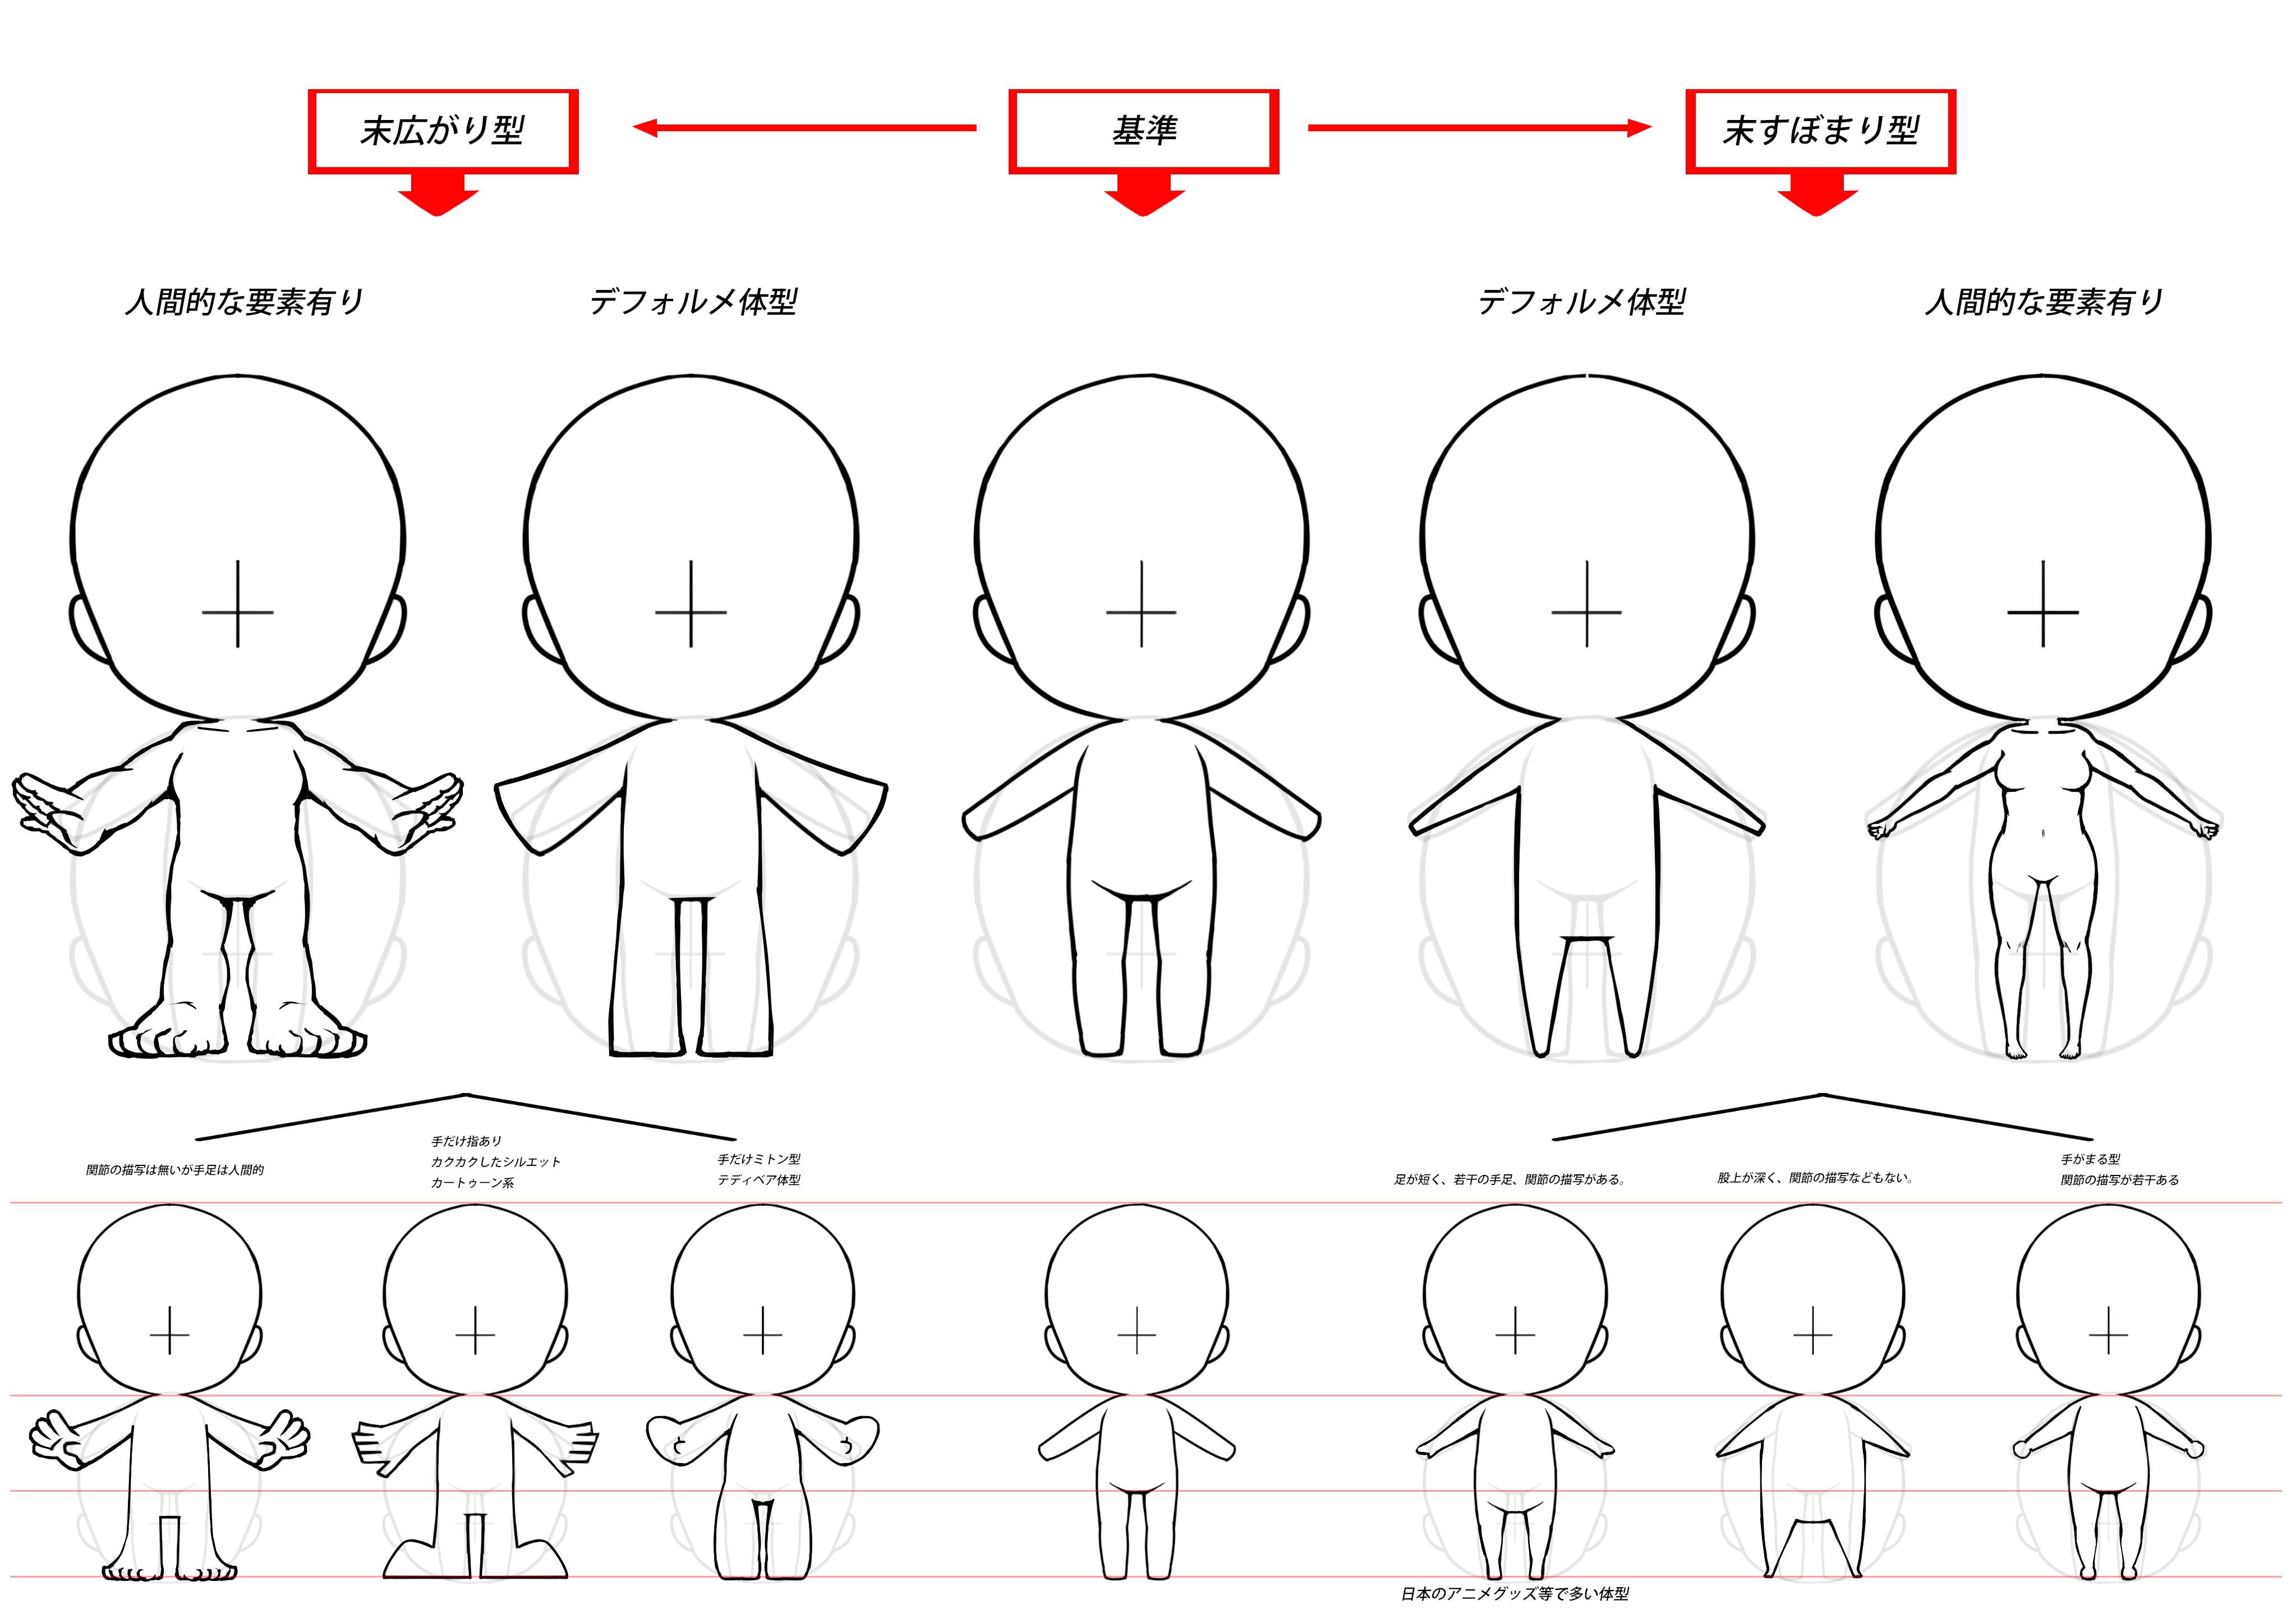 スーパーデフォルメポーズ集 チビキャラ編 (マンガの技法書) | yielder